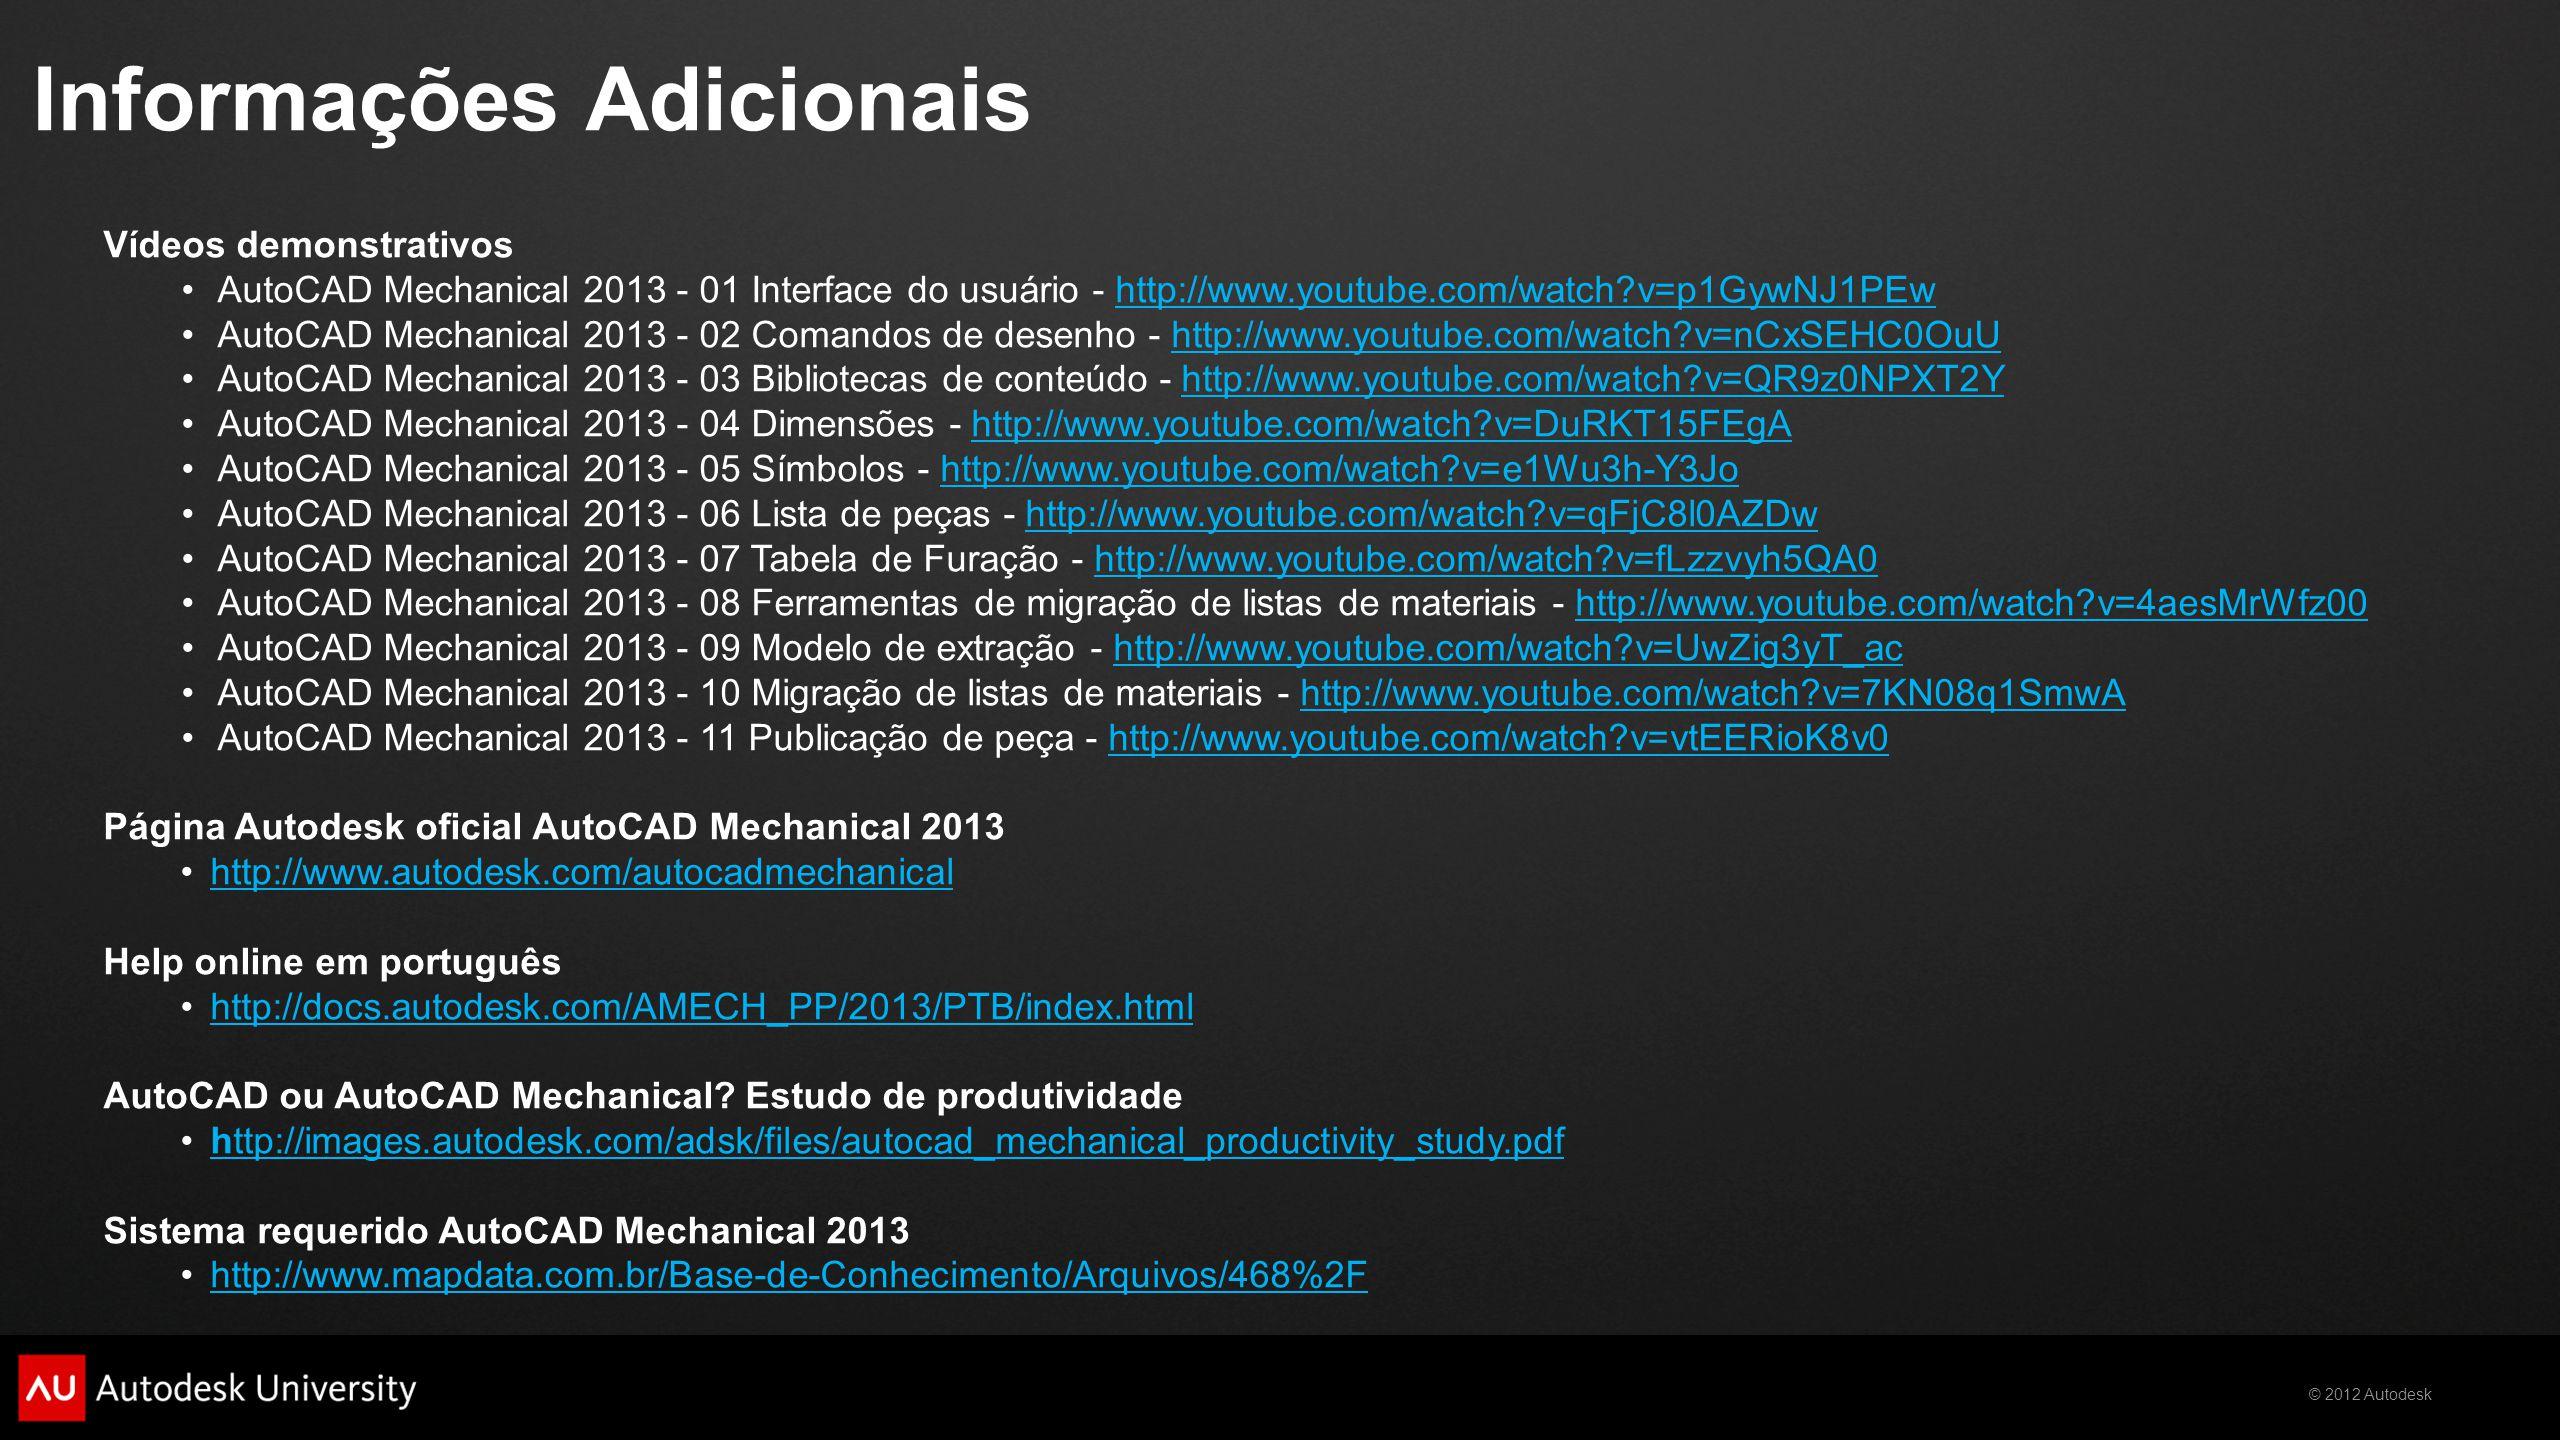 2012 Autodesk AutoCAD Mechanical Produtividade em projetos